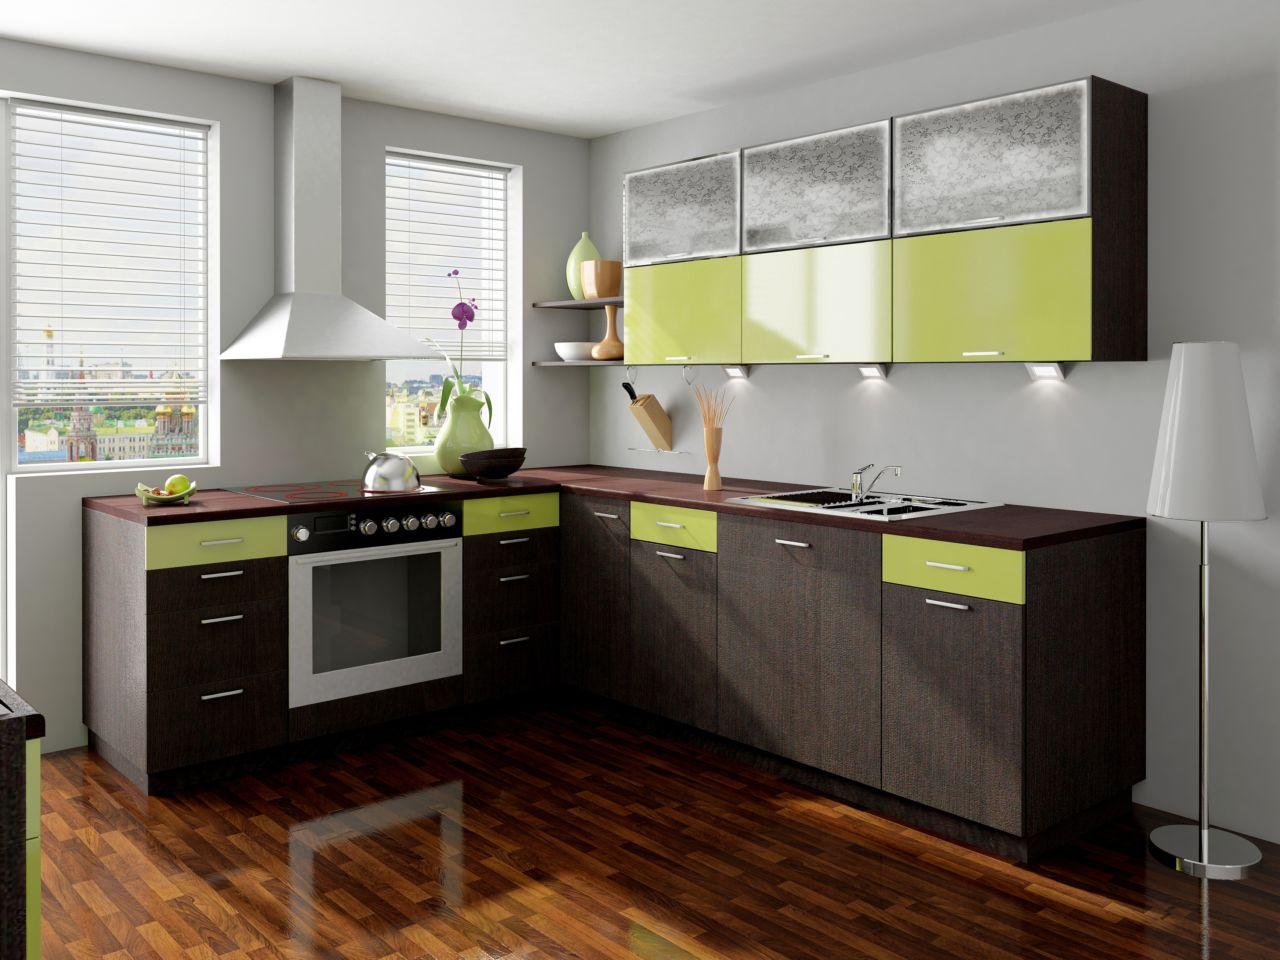 Венге и салатовый цвета в интерьере кухни